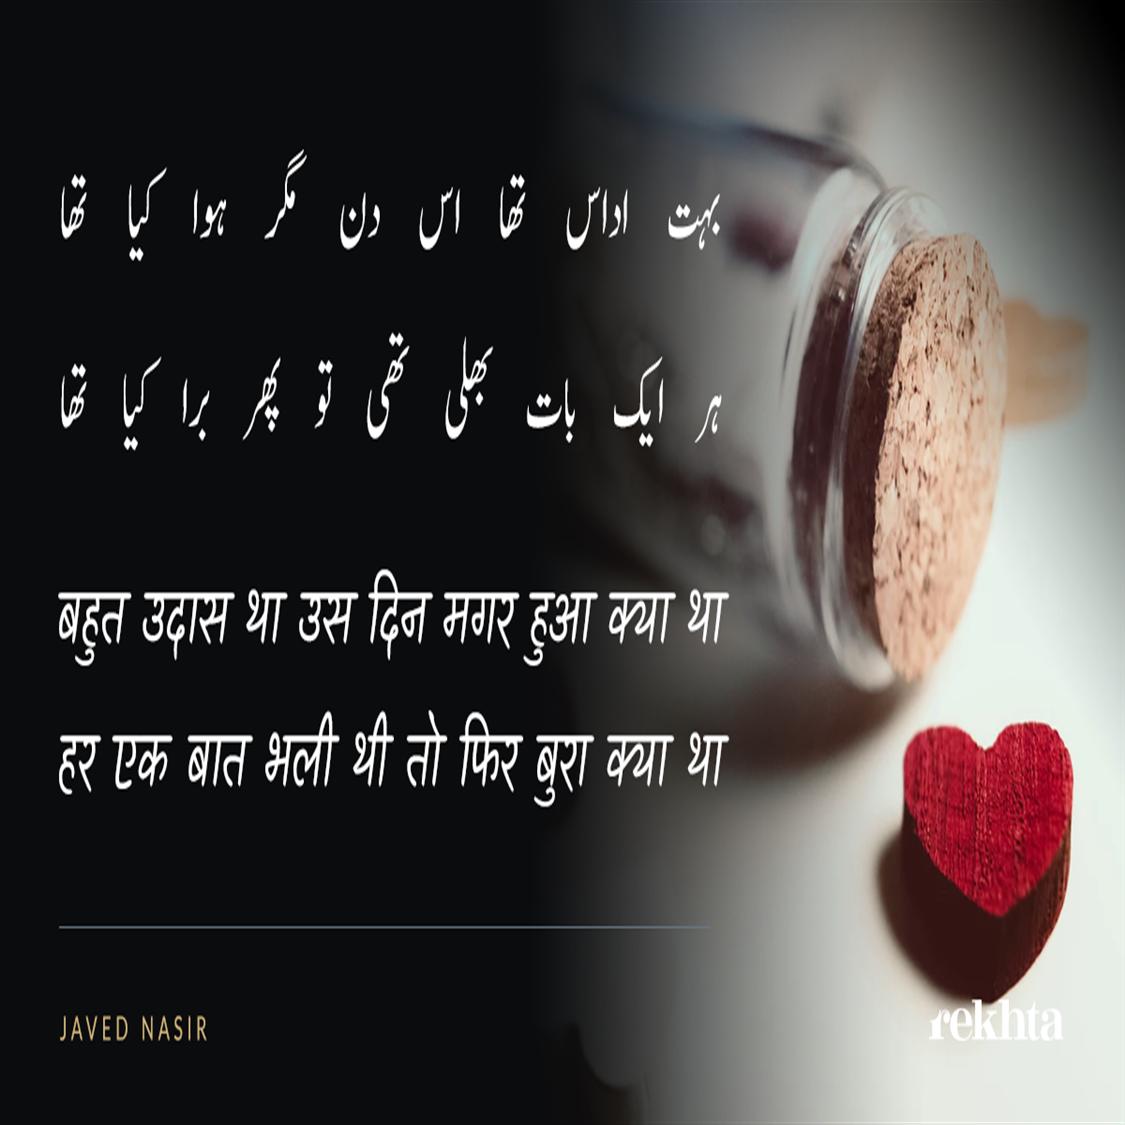 bahut udaas thaa us din magar hu.aa kyaa thaa-Javed Nasir